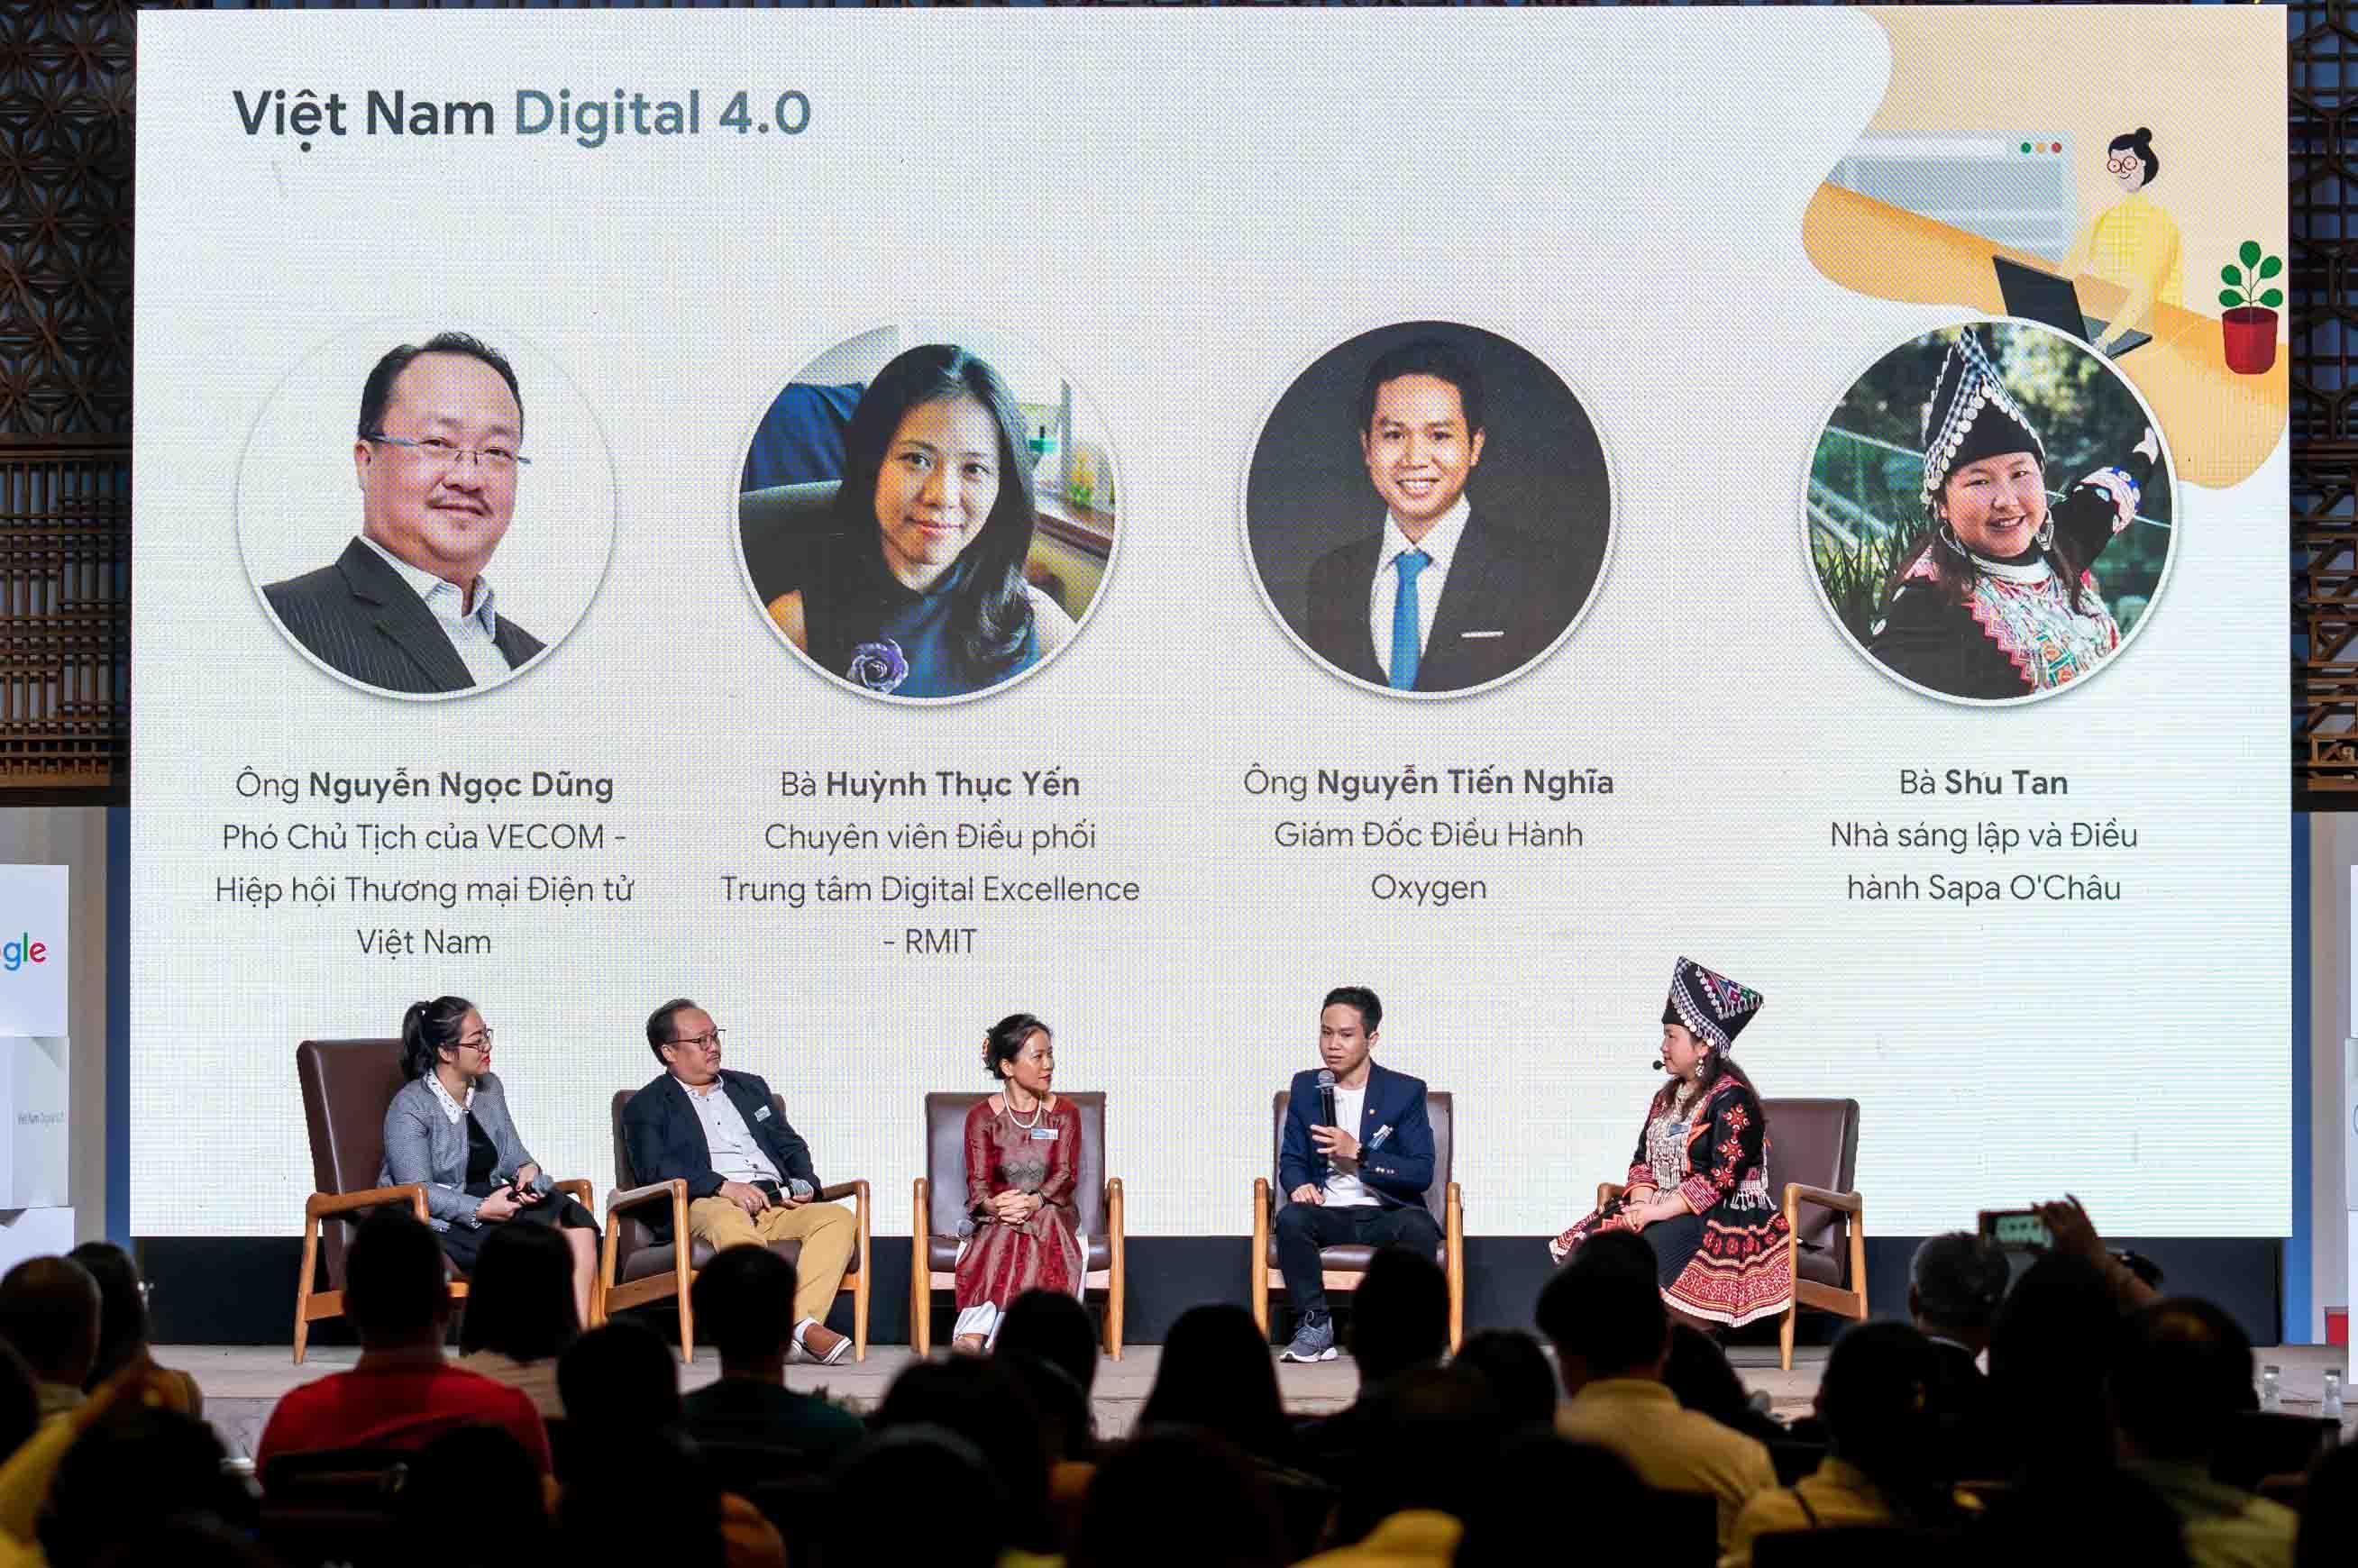 Chương trinh Việt Nam Digital 4.0